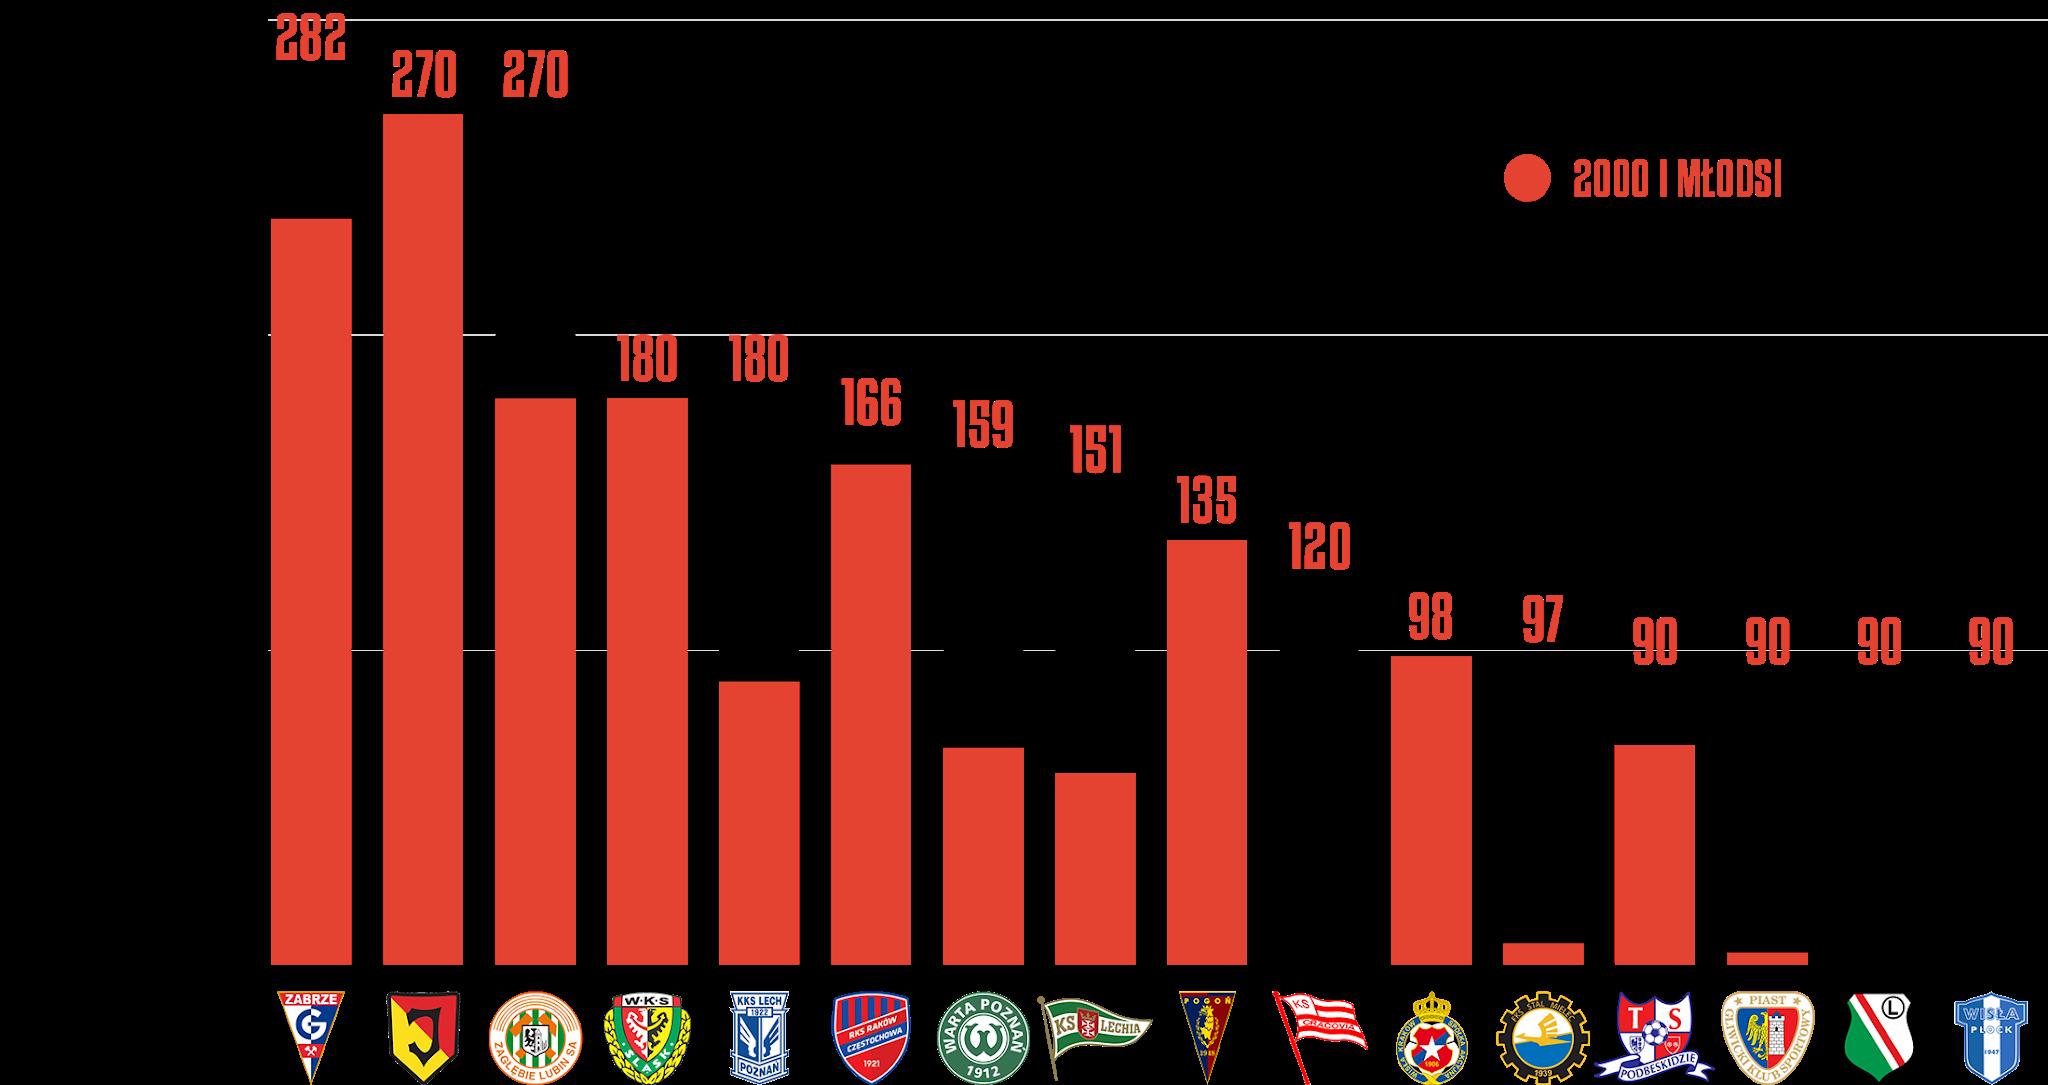 Klasyfikacja klubów pod względem rozegranego czasu przez młodzieżowców w24.kolejce PKO Ekstraklasy<br><br>Źródło: Opracowanie własne na podstawie ekstrastats.pl<br><br>graf. Bartosz Urban